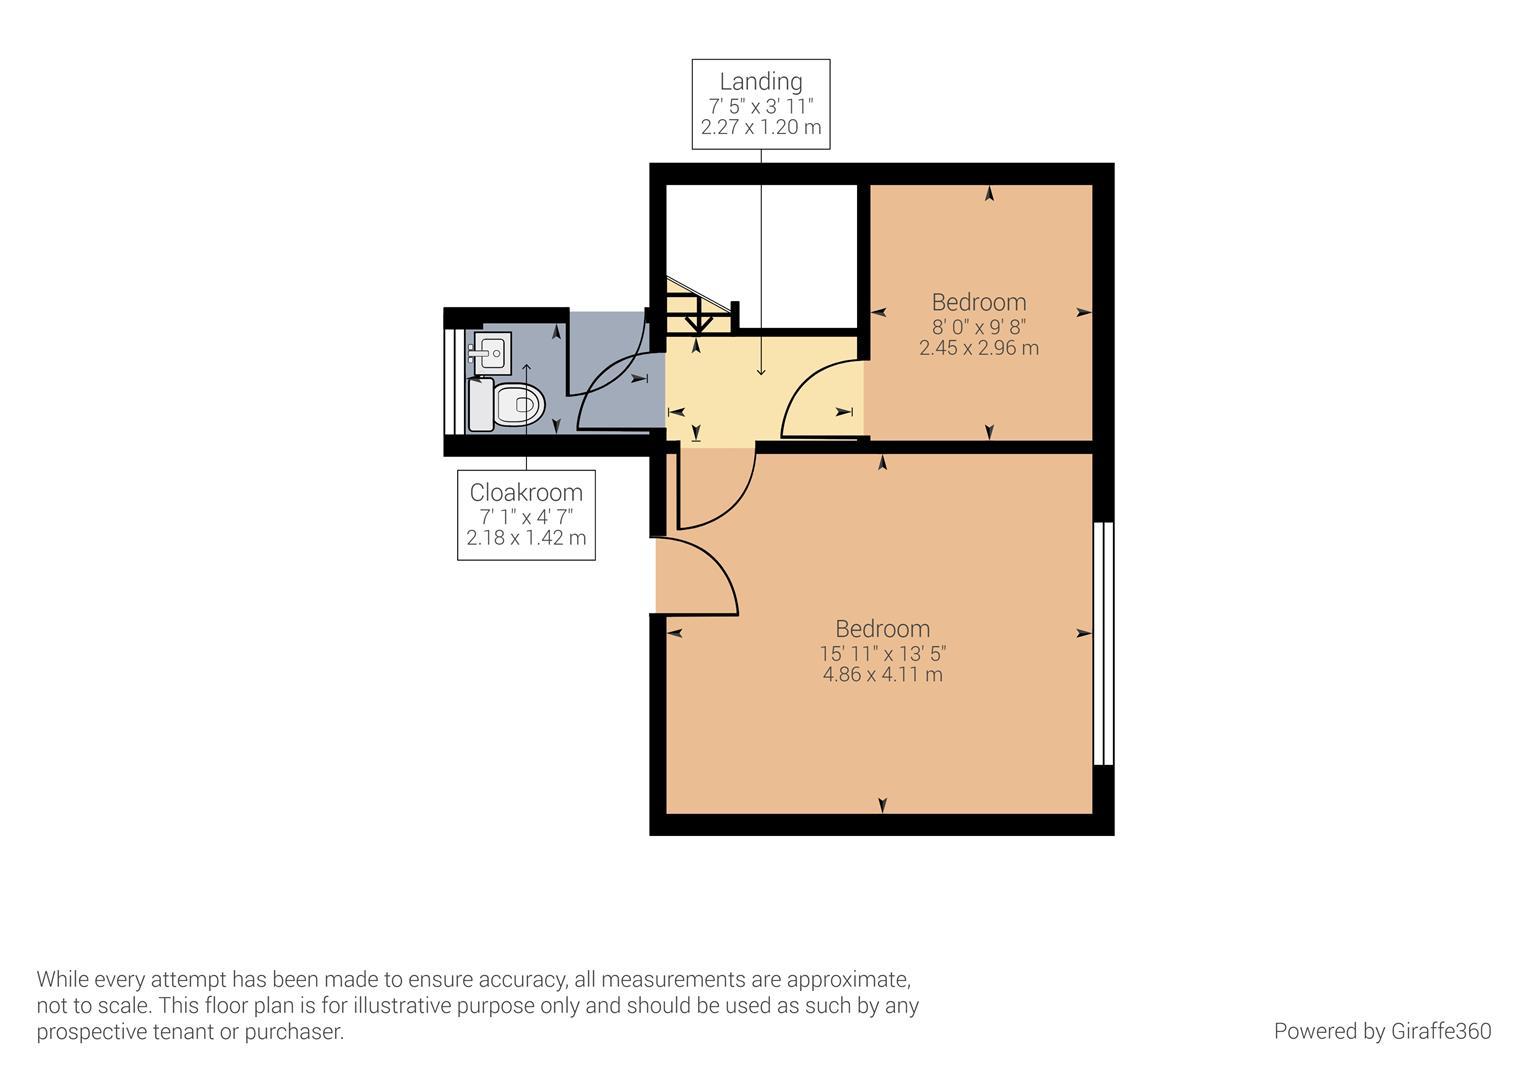 mightyhouse_floorplan01_01.jpg